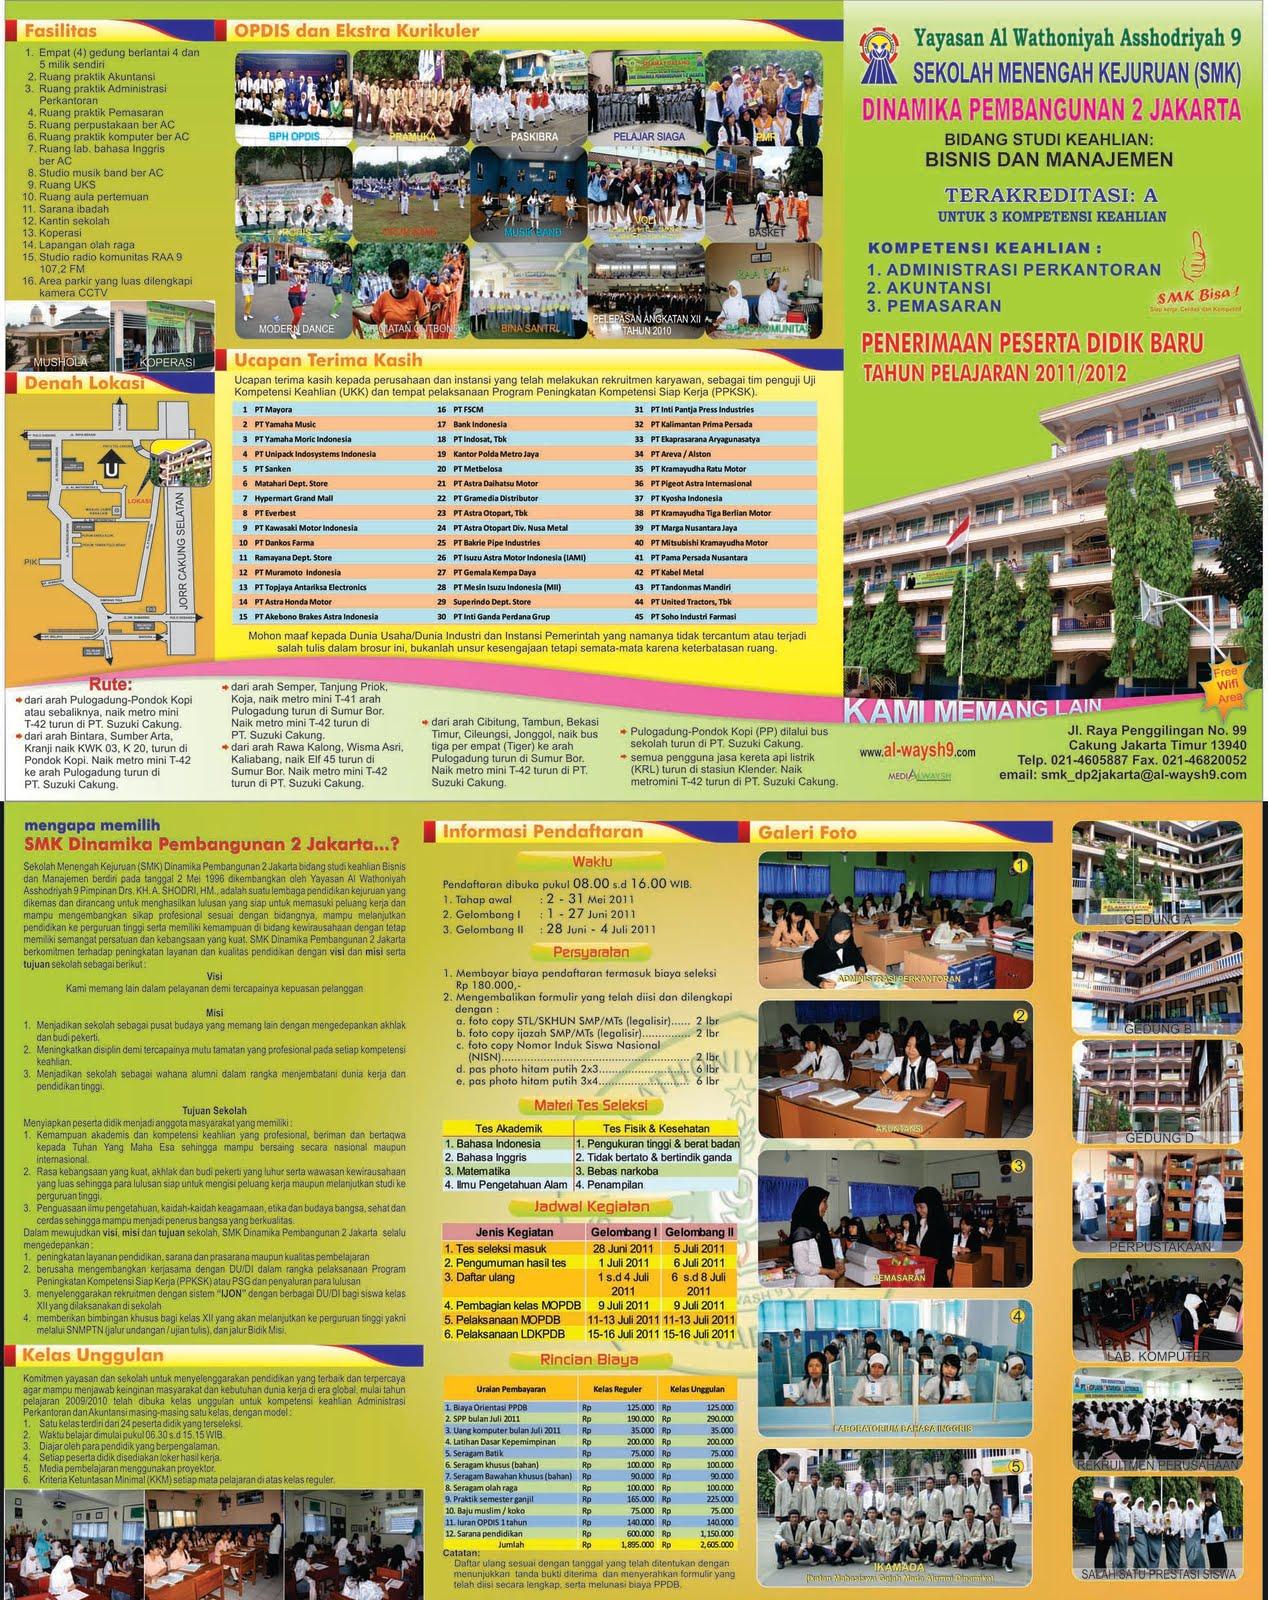 contoh-contoh desain brosur sekolah menarik